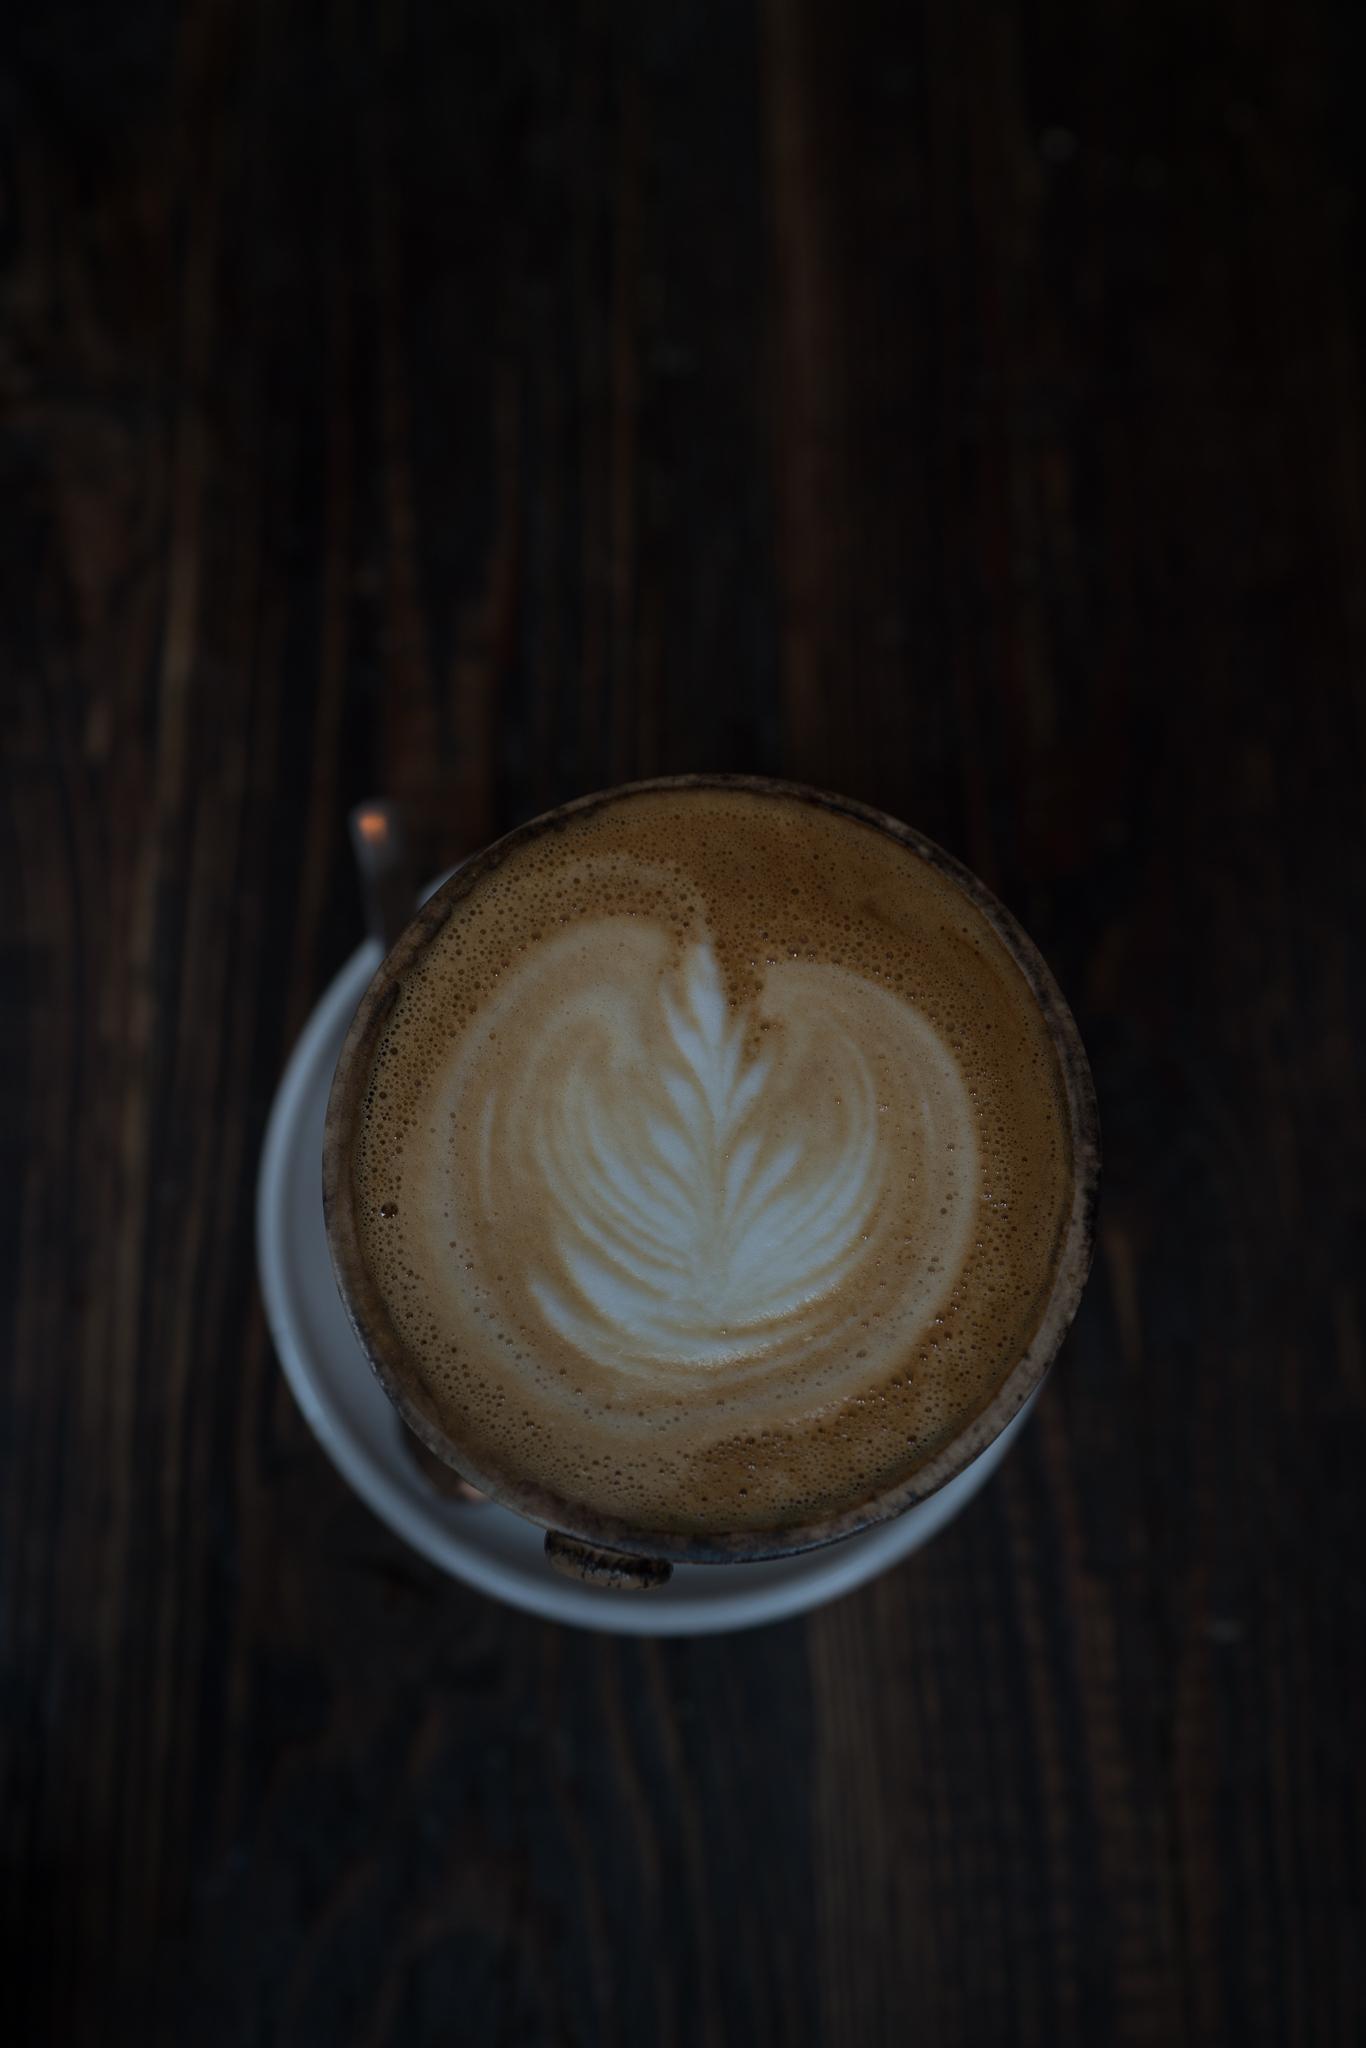 Coffee 02 - 01